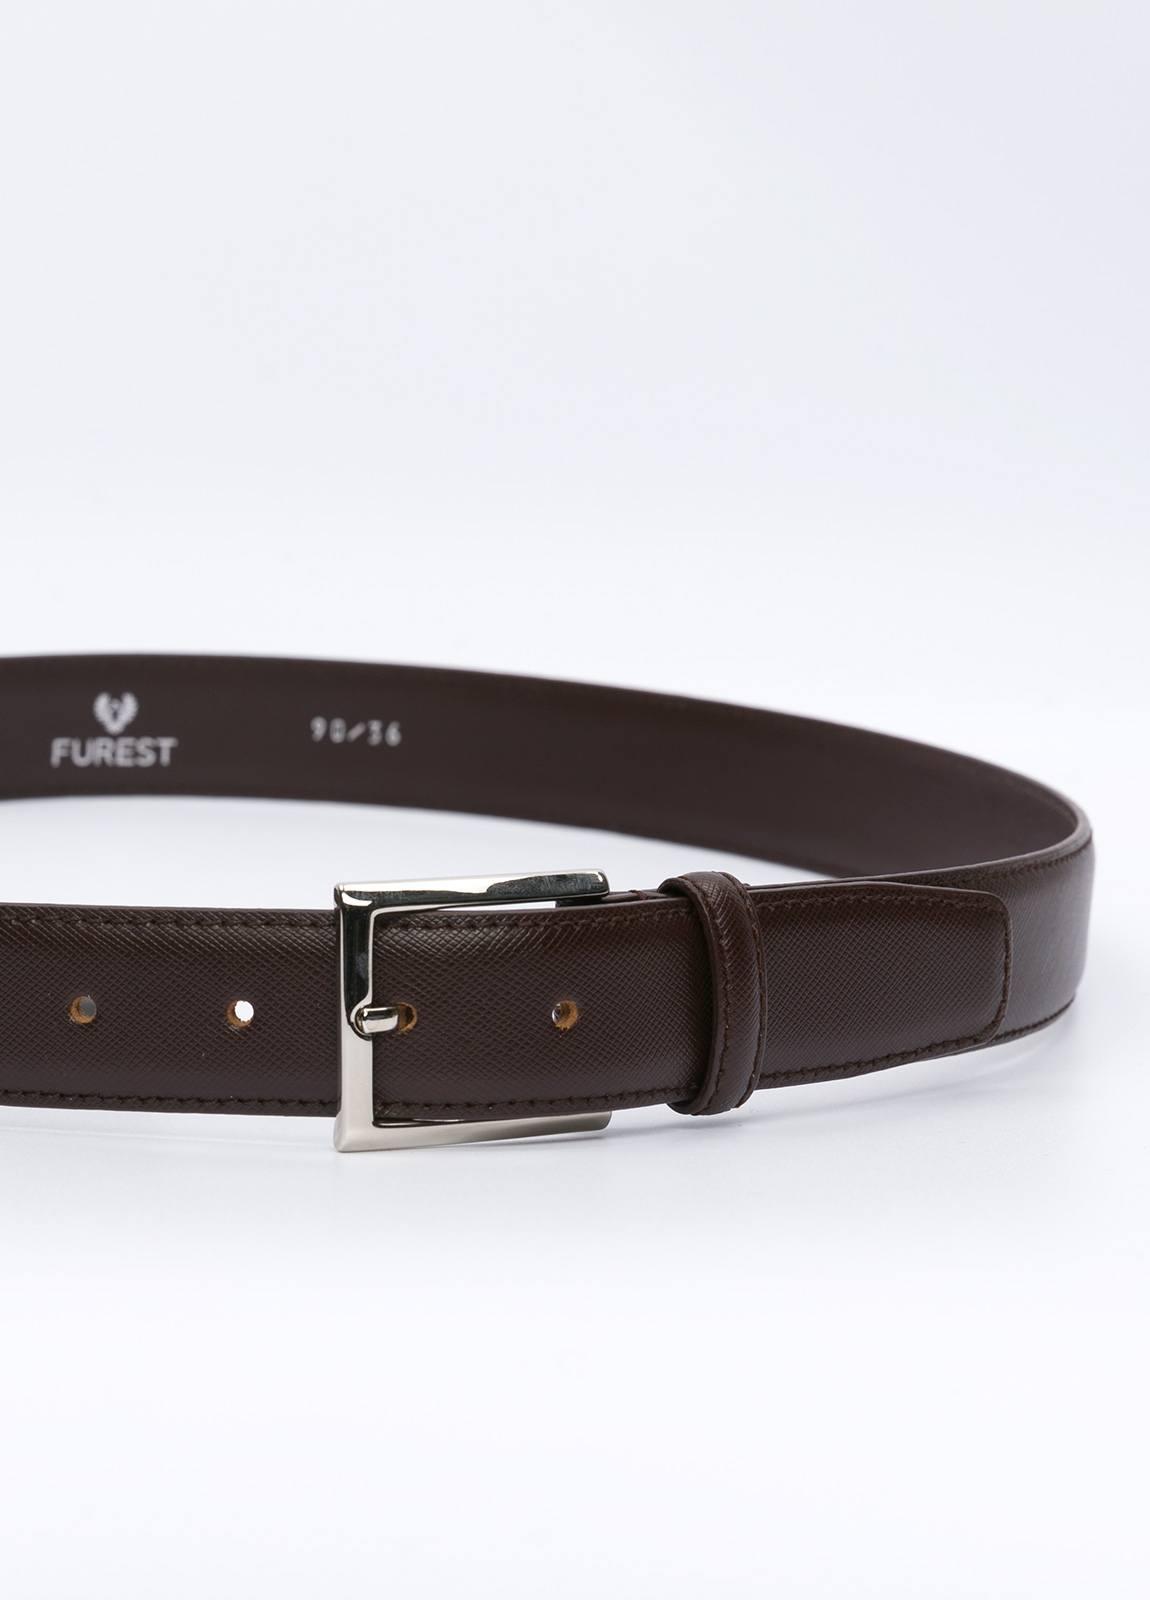 Cinturón Vestir FUREST COLECCIÓN piel grabada marrón - Ítem1